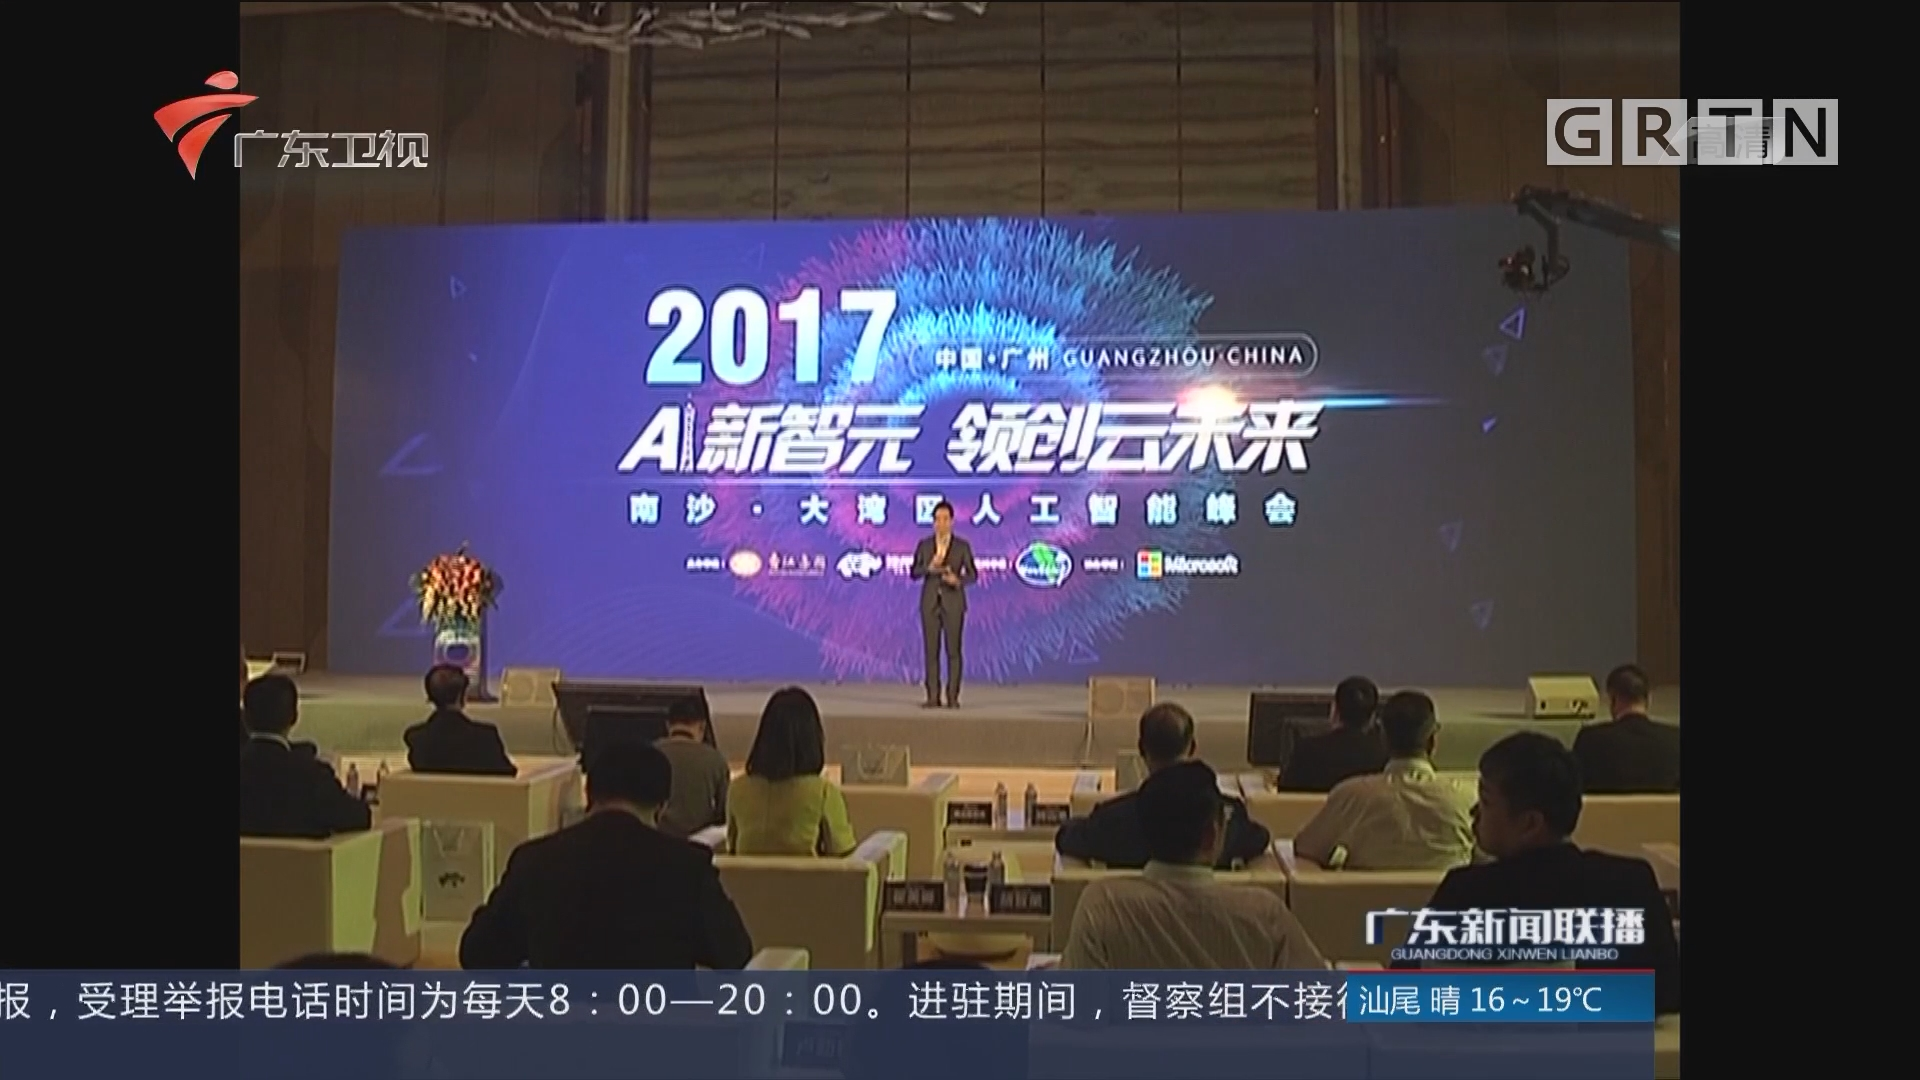 广州南沙:发起1亿元产业创投基金支持人工智能产业发展